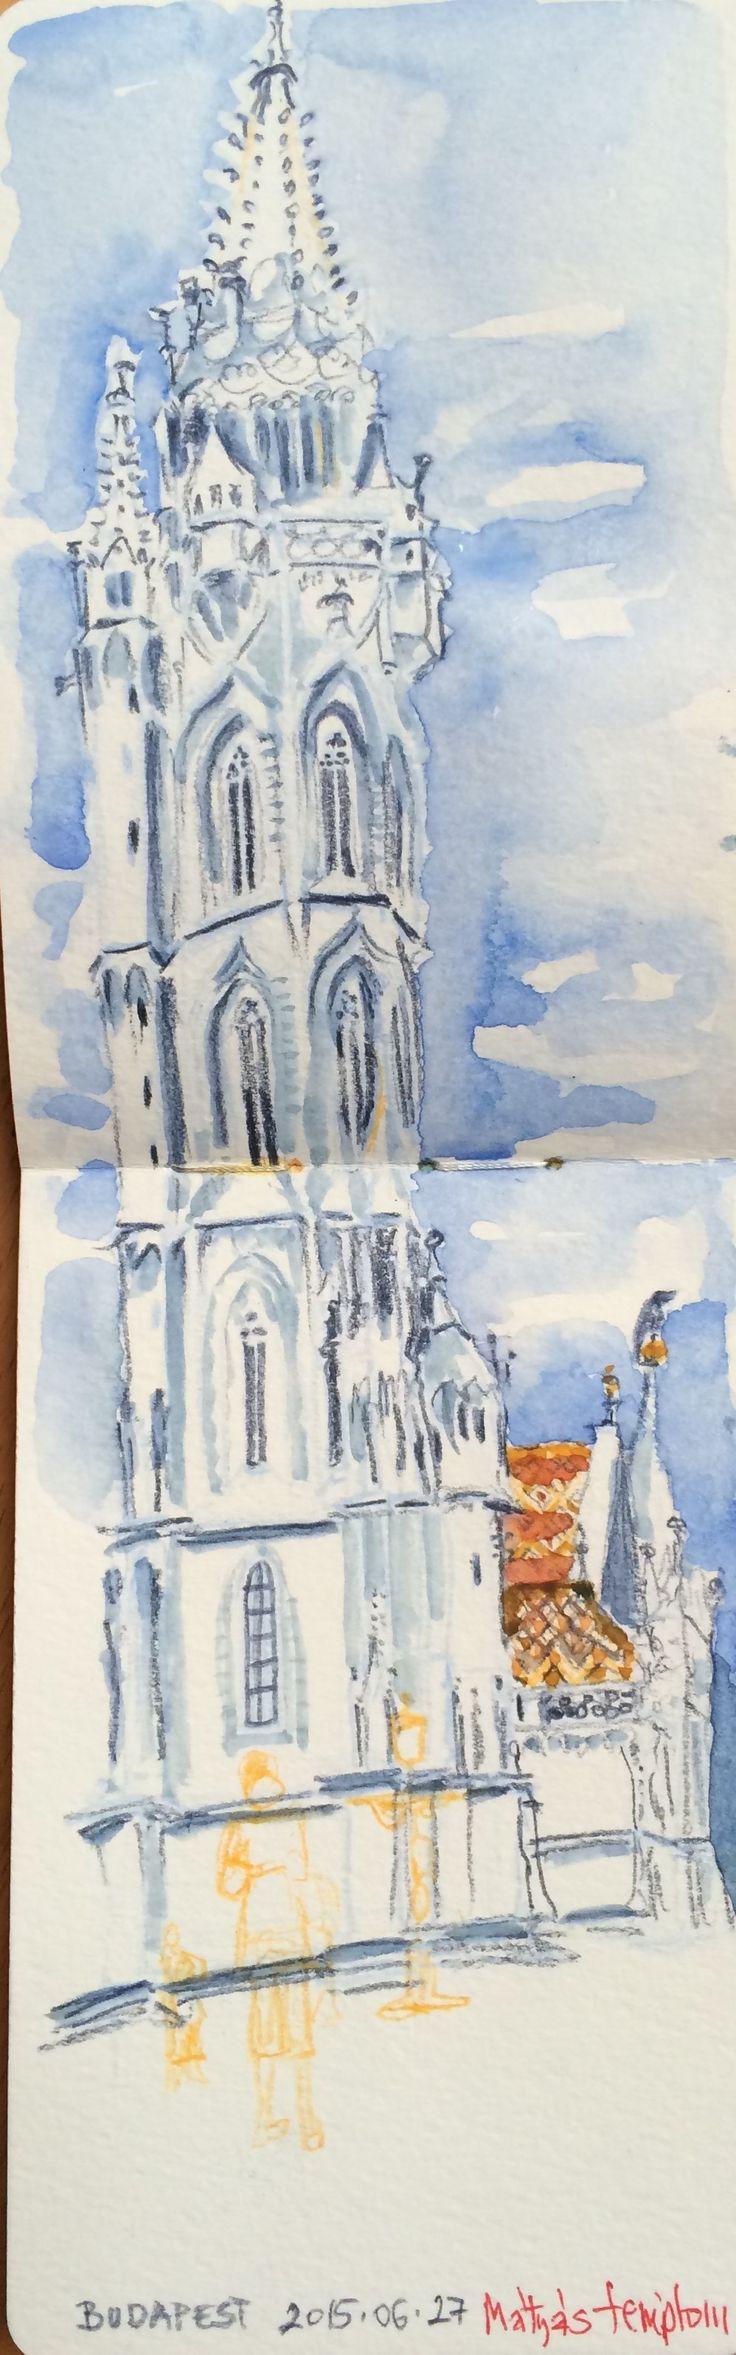 Máthyás templom, #sketches